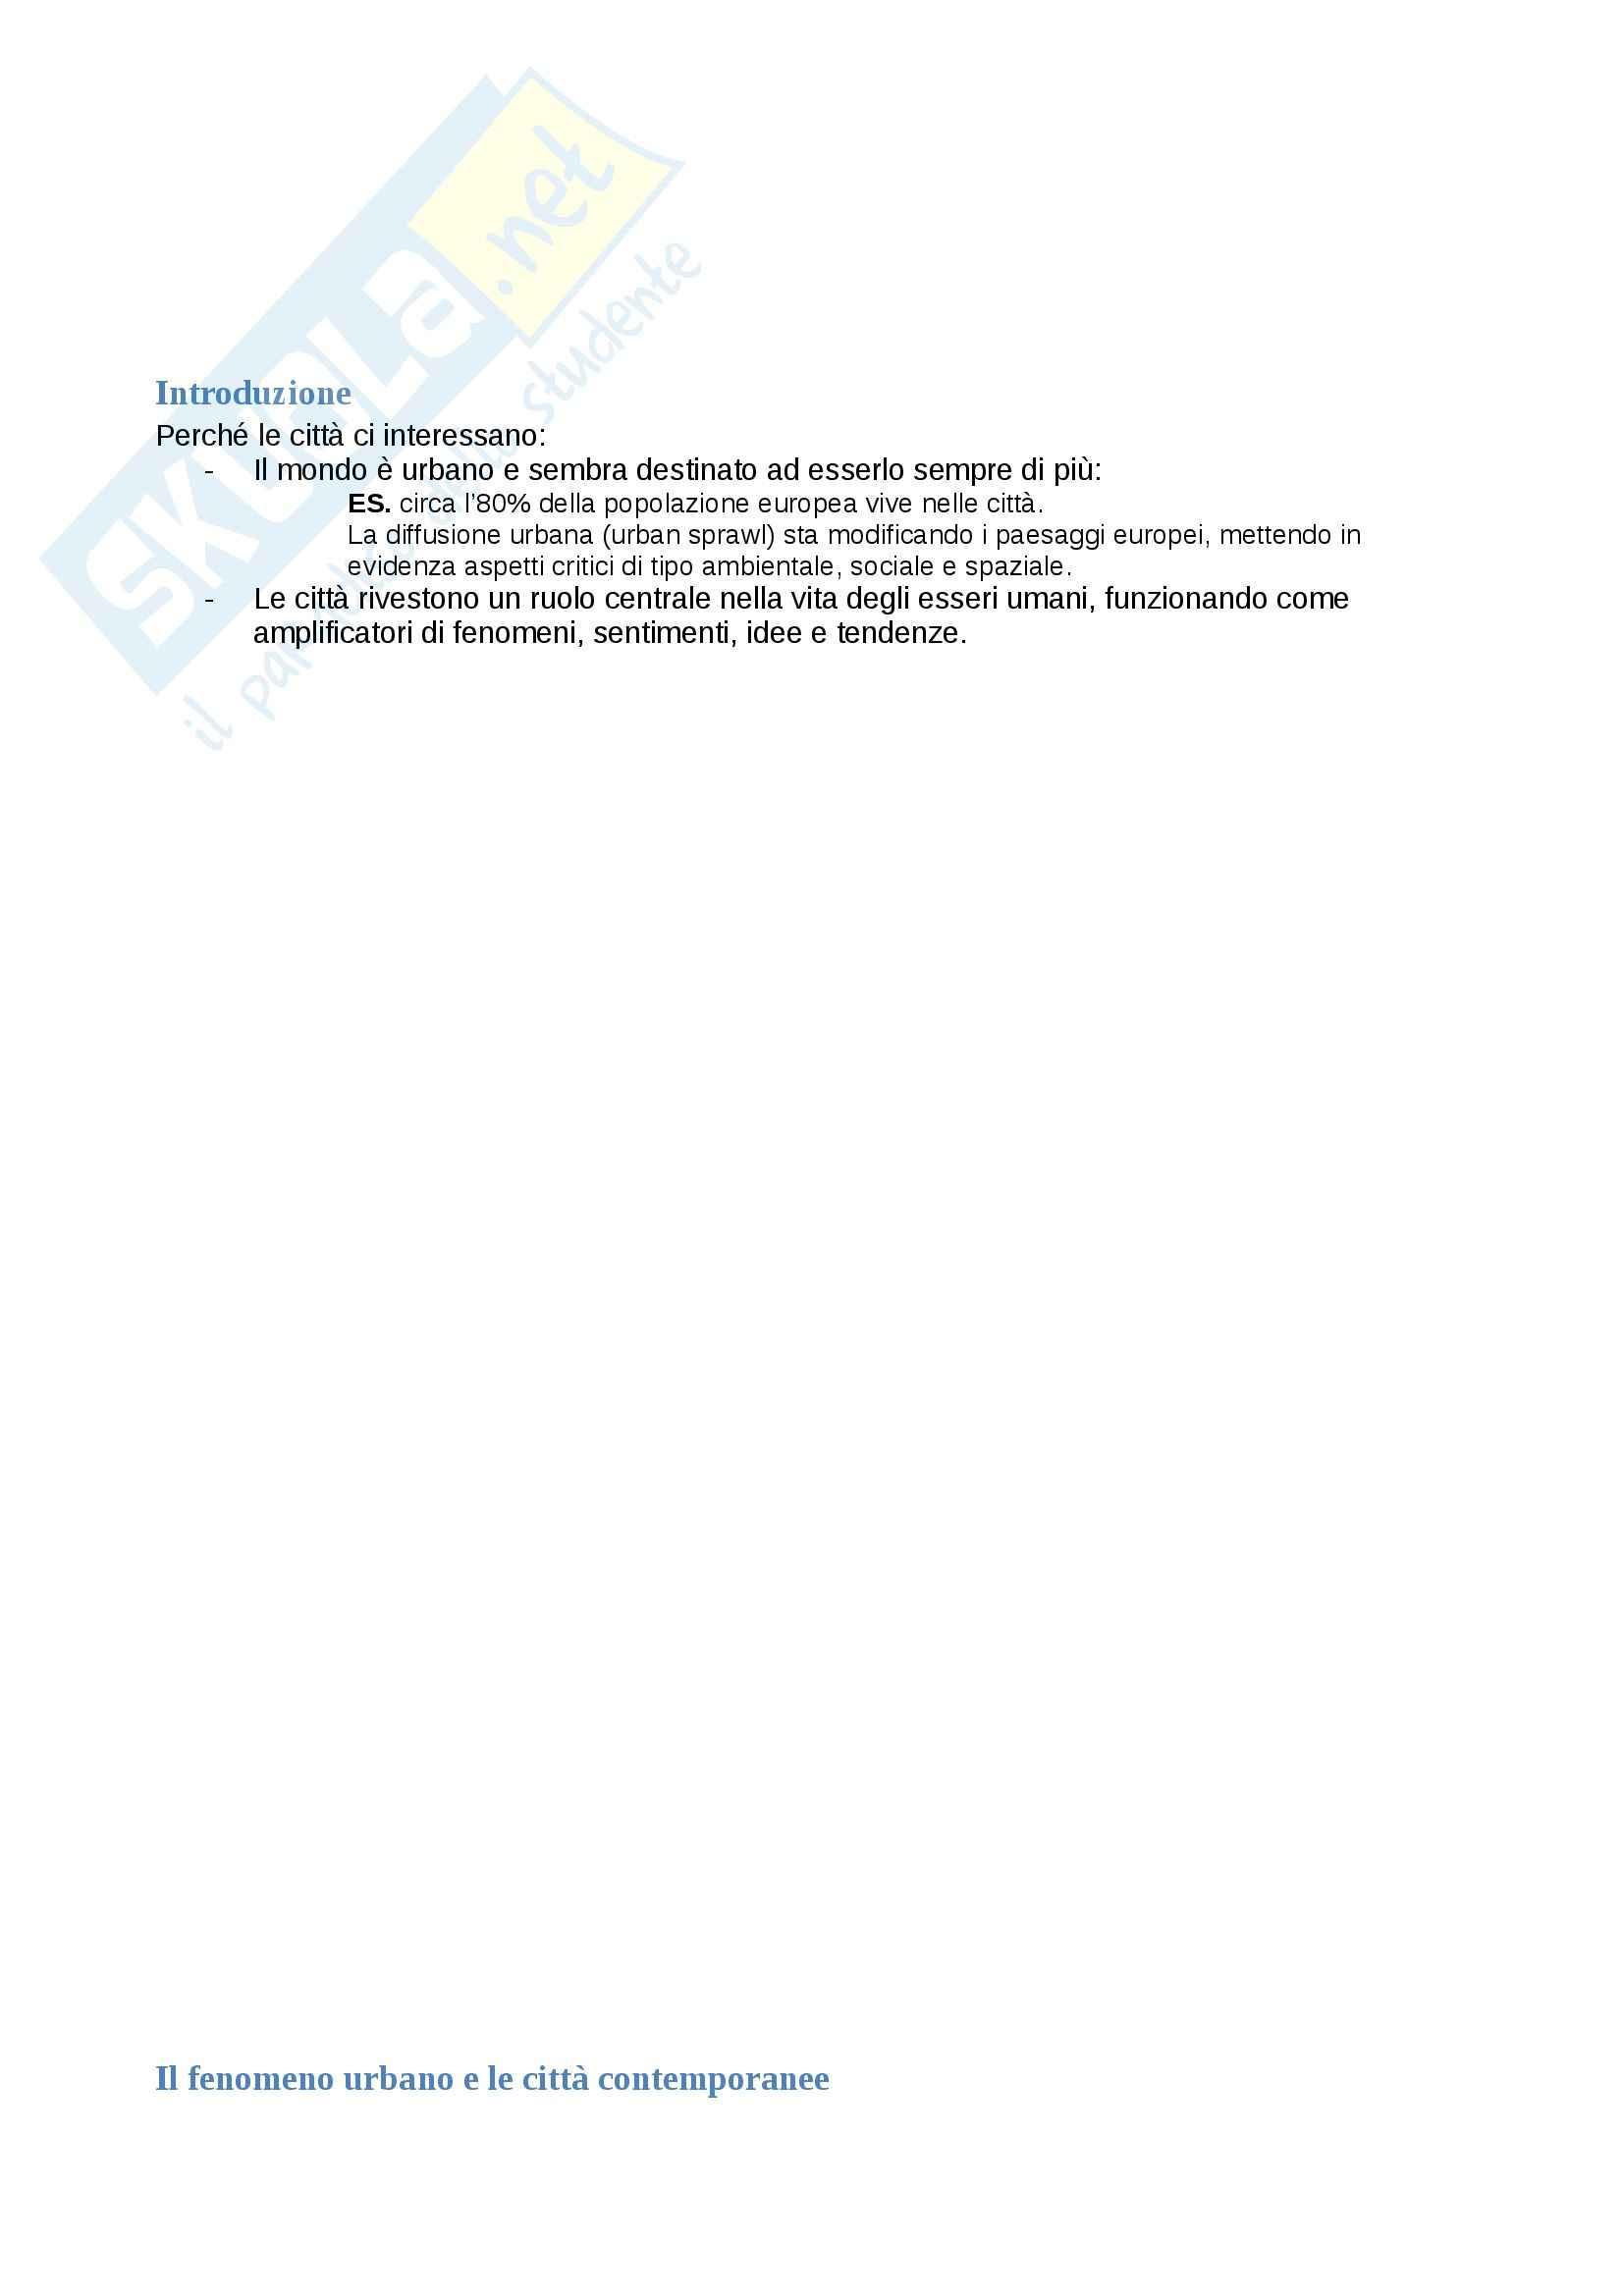 Riassunto esame Geografia, prof. Adobati, libro consigliato Geografie dell'urbano, Memoli, Governa